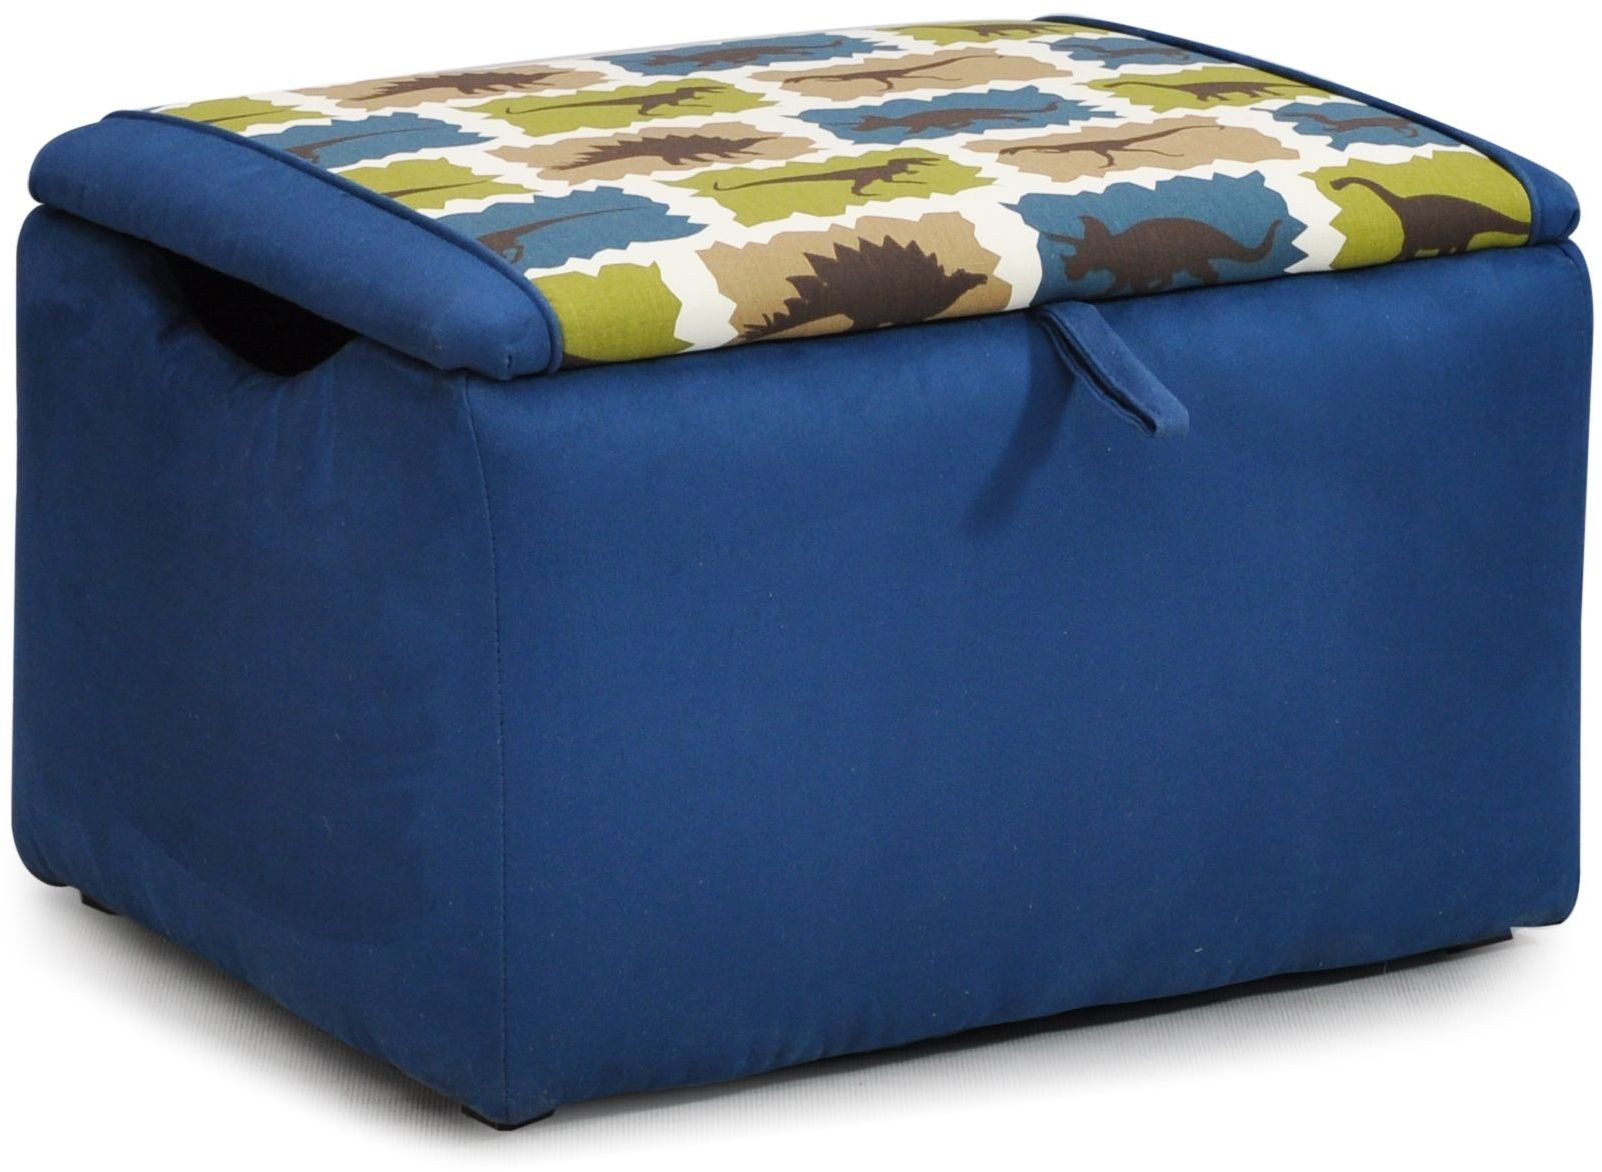 Mixy Rex Blue Indigo Suede Upholstered Storage Bench 1400 1 Rexb Is Kidz World